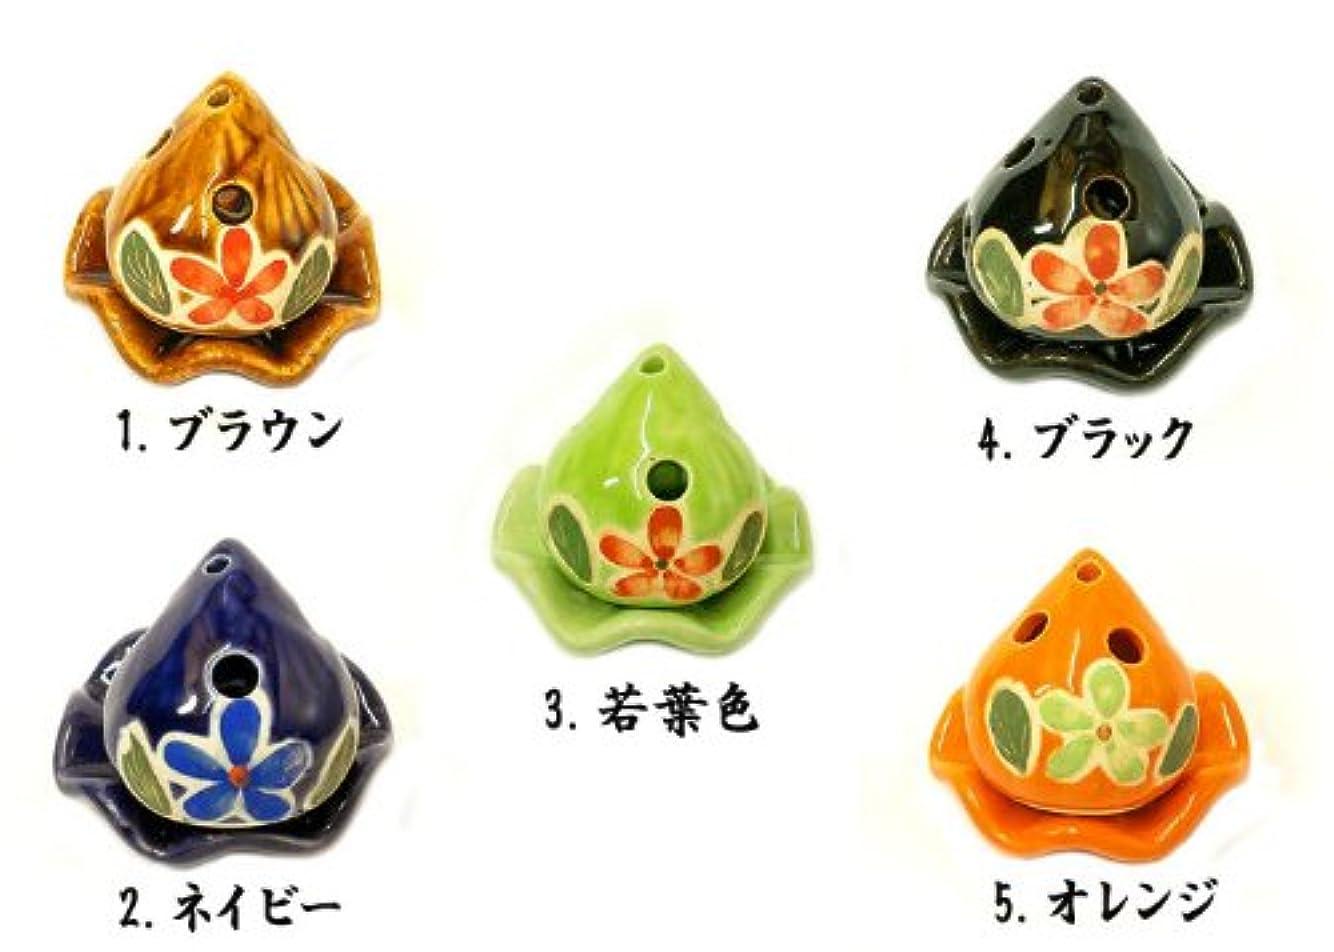 取り戻す警告因子ロータス柄 蓮の花の香炉 コーン型 インセンスホルダー コーン用お香たて アジアン雑貨 (4.ブラック)